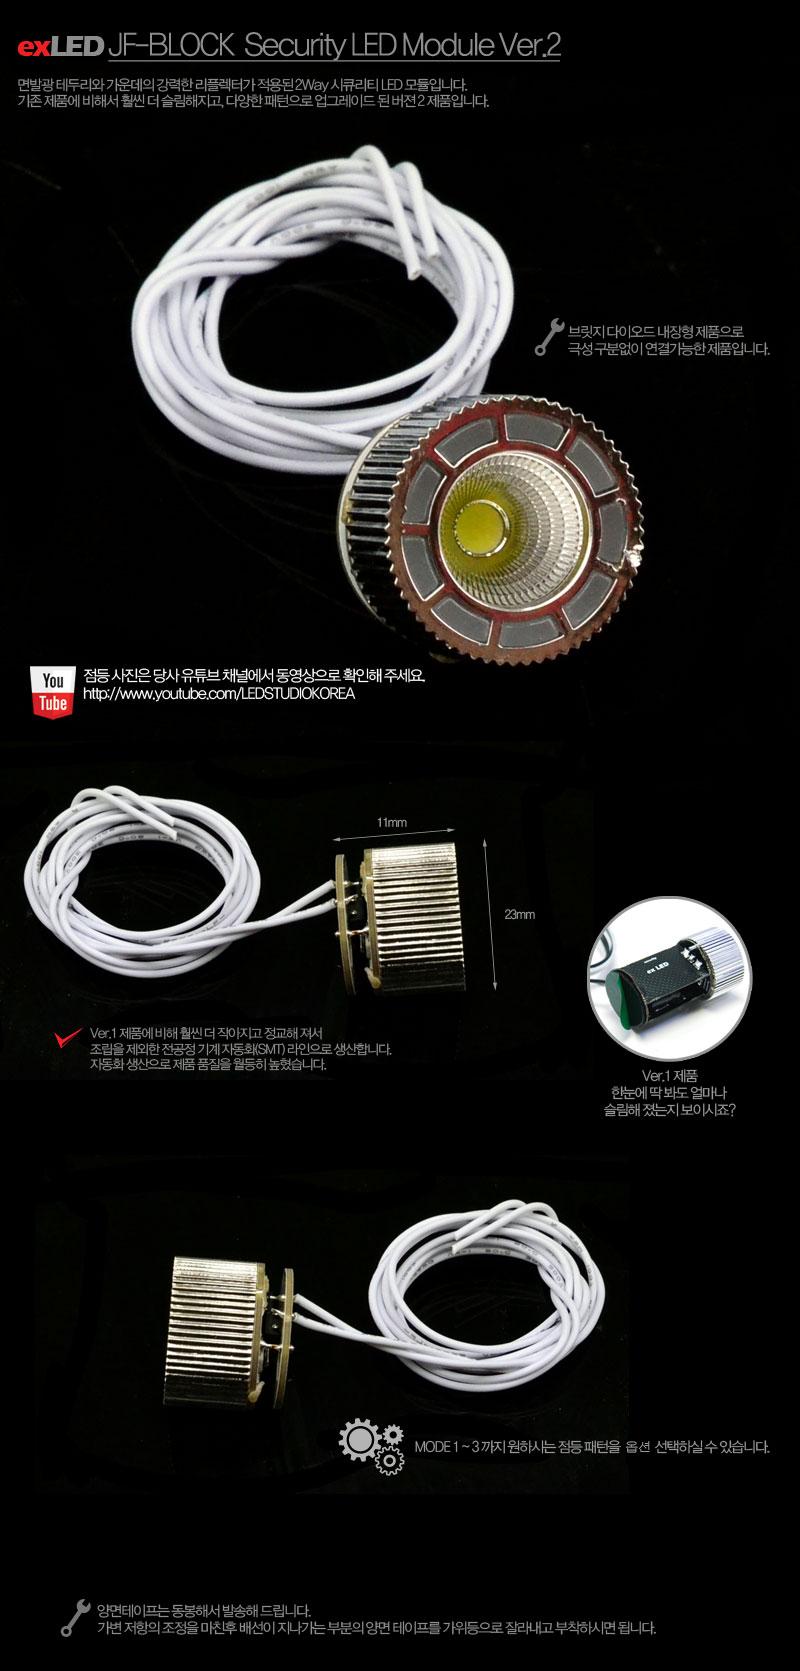 [재고한정특가] exLED JF 블럭 2Way 마이컴 시큐리티 모듈 (초슬림-룸밀러 부착형) Ver.2 - 3모드 中 택1